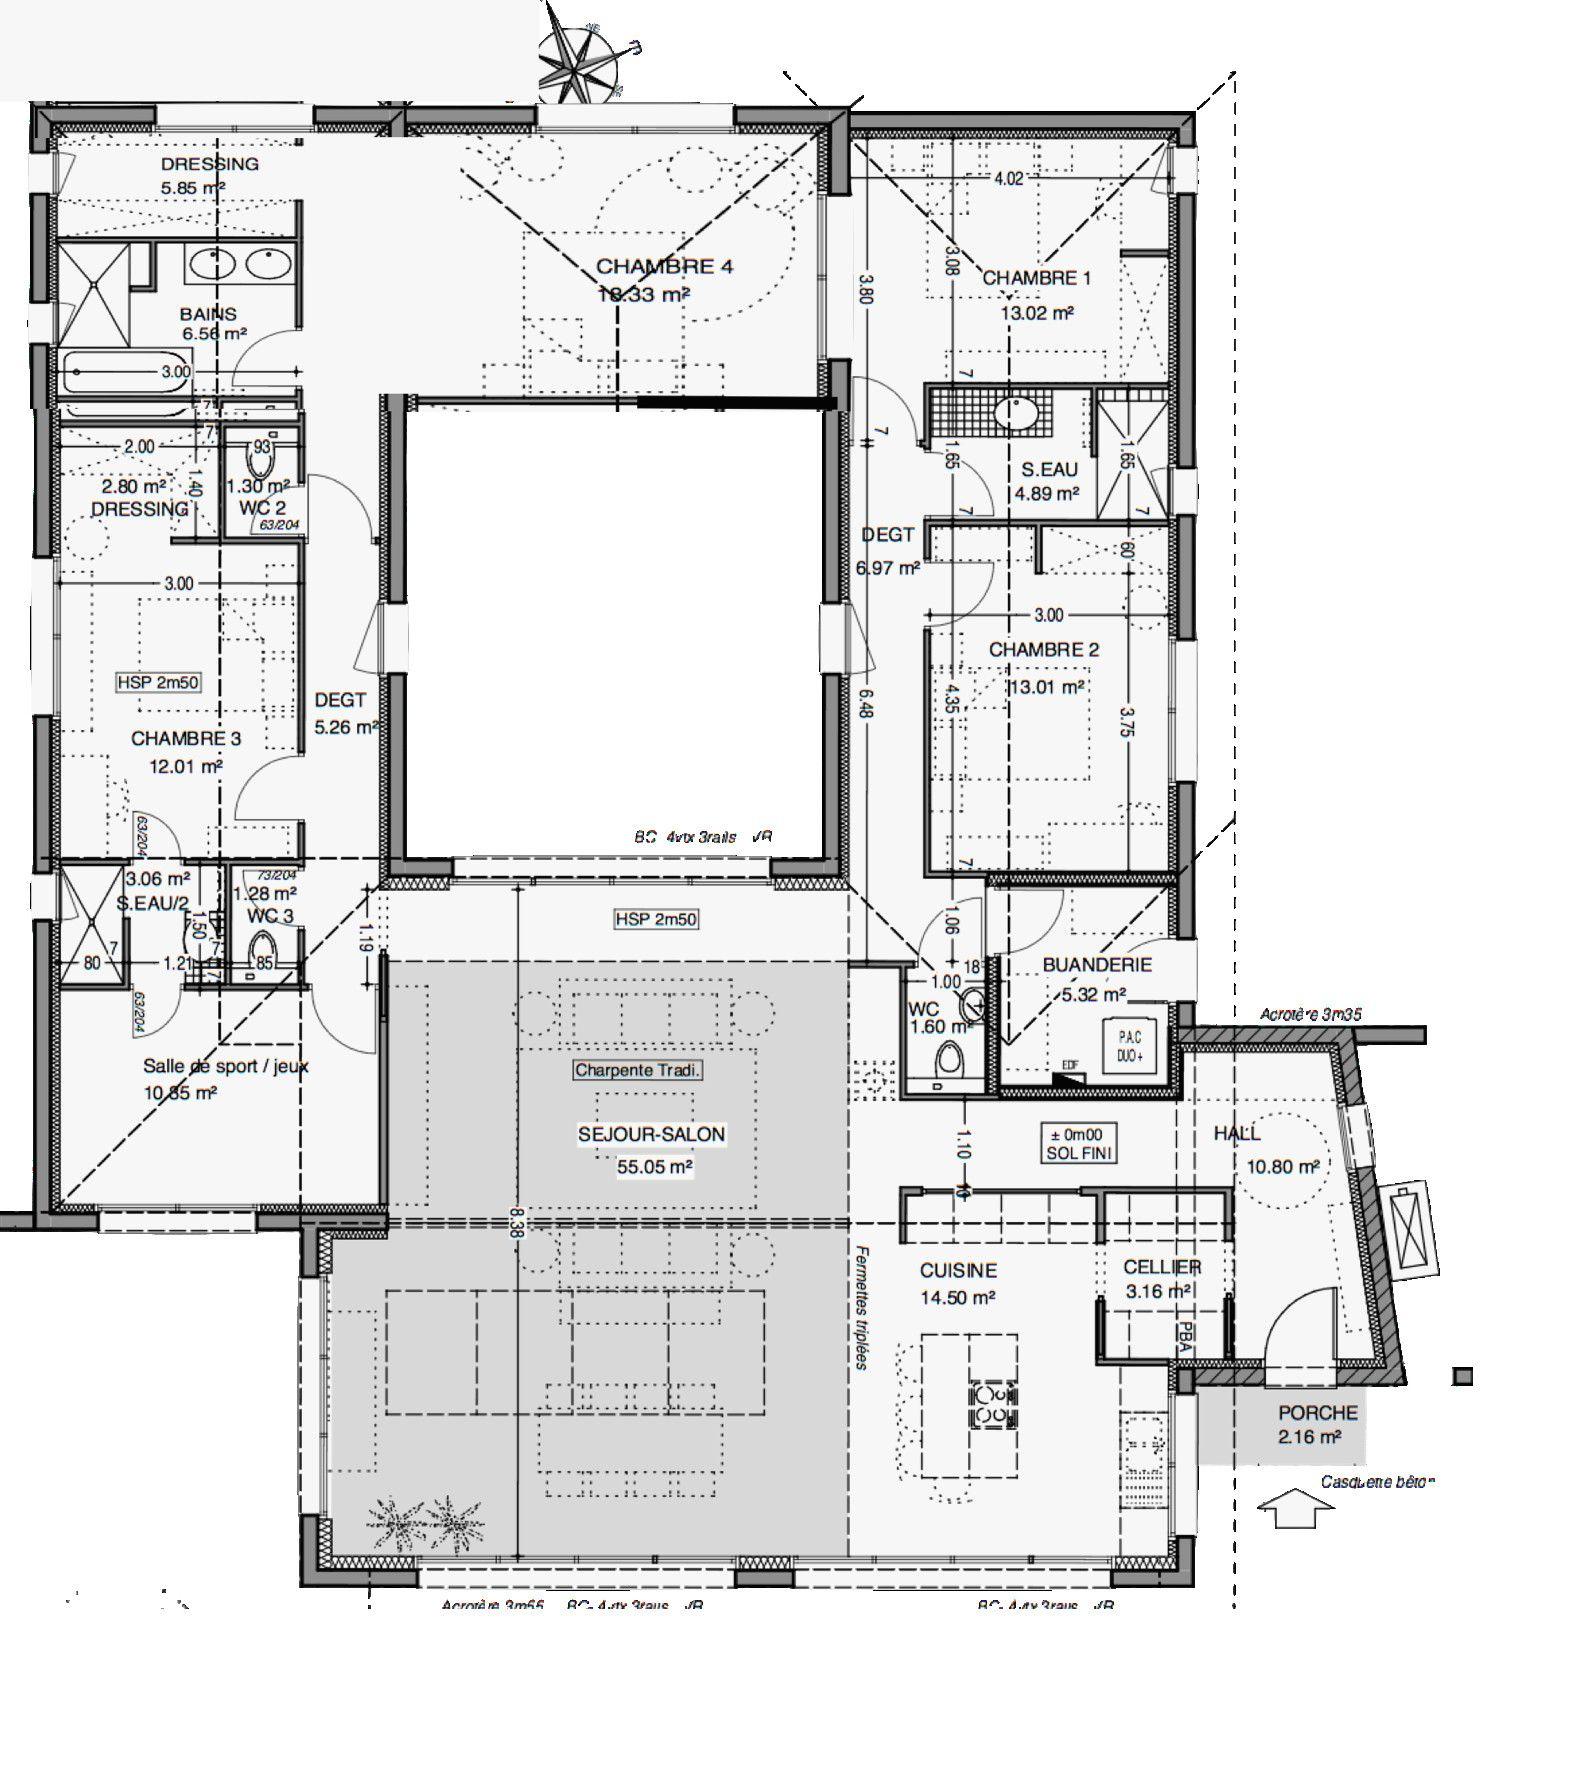 Plan Maison Plain Pied 200m2 Charmant Plan De Maison Plain Pied 200m2 Plan Maison Plain Pied Plan Maison Maison Plain Pied Contemporaine